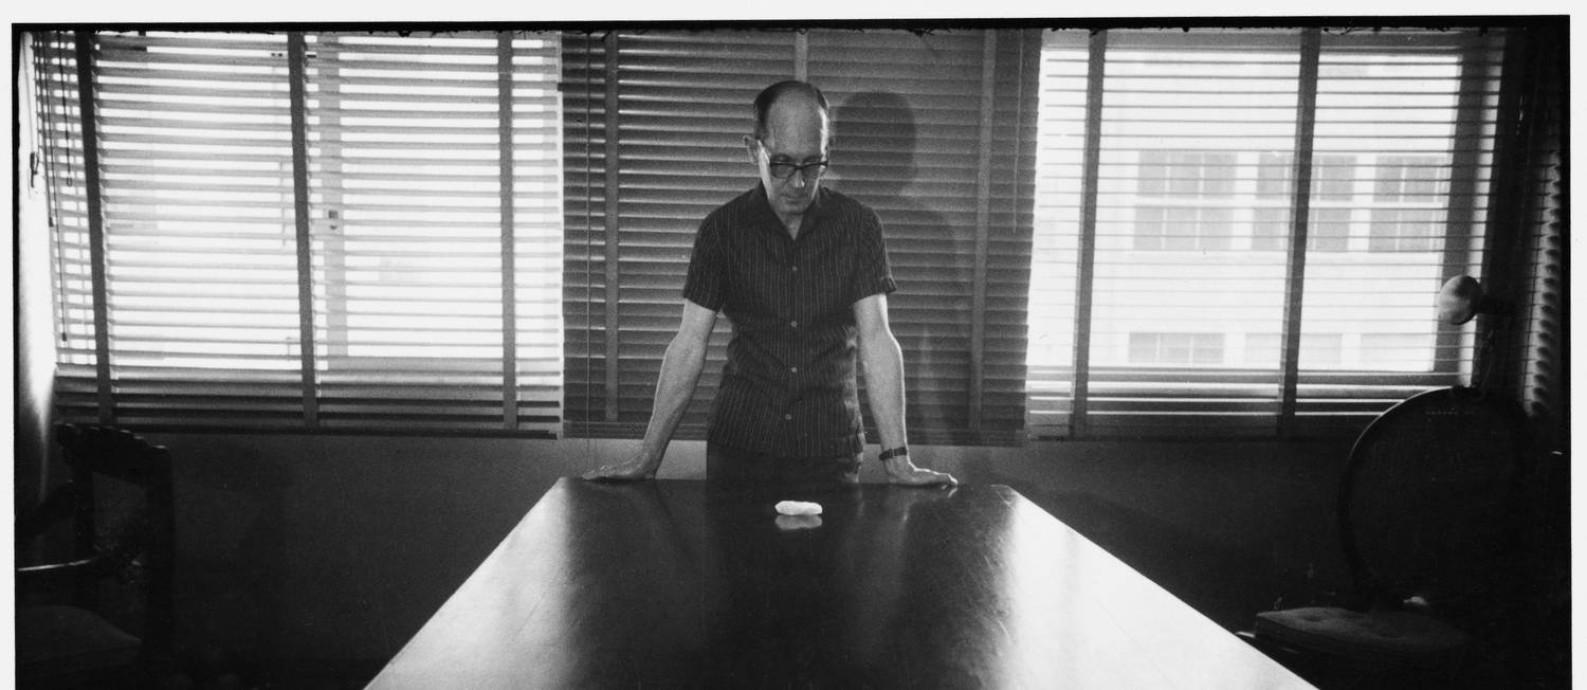 Carlos Drummond de Andrade no Rio, em 1964. 'Uma arte vinculada com a mais fugitiva e perene das realidades poéticas, eis o dom de Alécio de Andrade' — assim o poeta definiu o trabalho do fotógrafo Foto: Alécio de Andrade